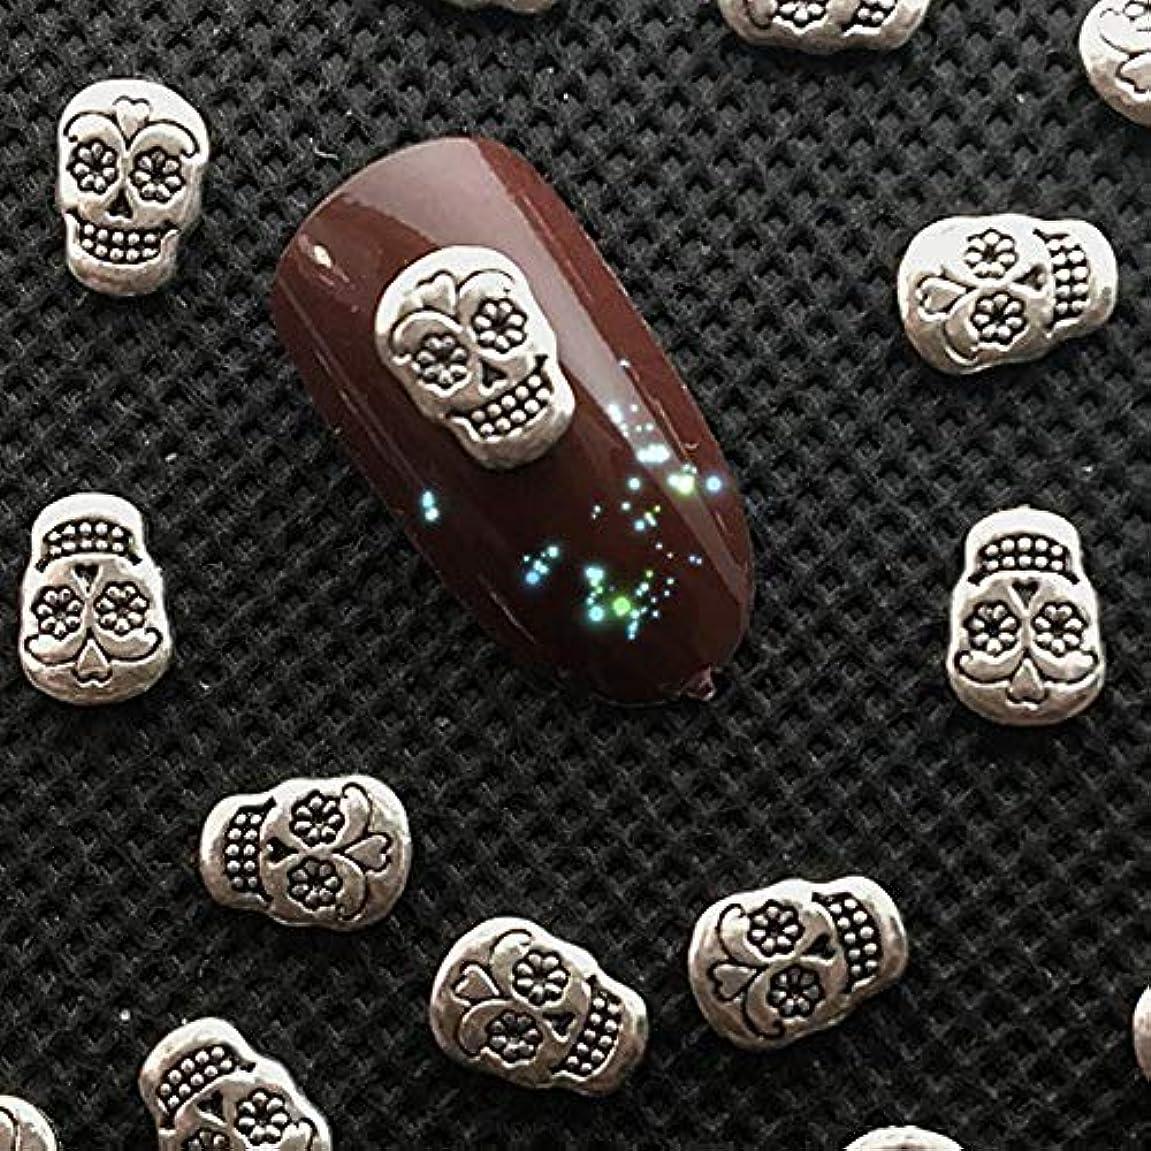 ネックレス然とした食品10PCSのレトロなシルバースカルネイルアートの装飾メタル用品